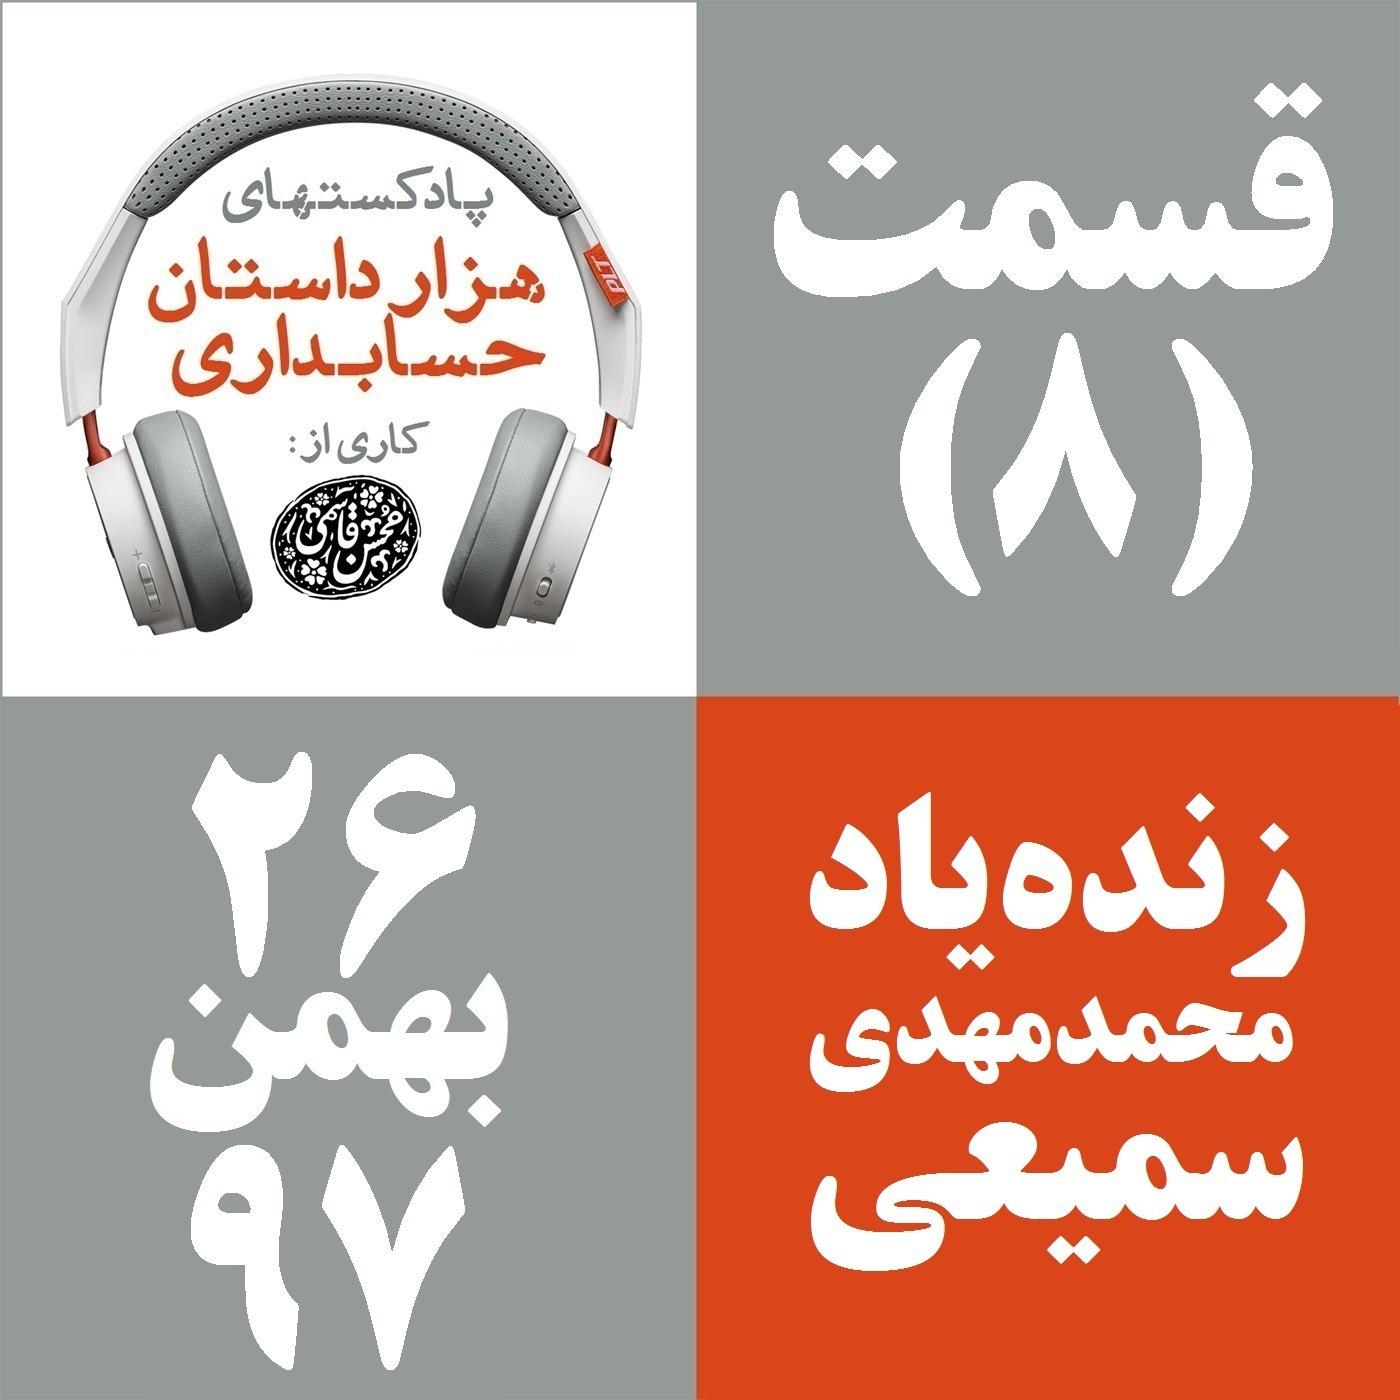 قسمت 8 - زنده یاد محمدمهدی سمیعی